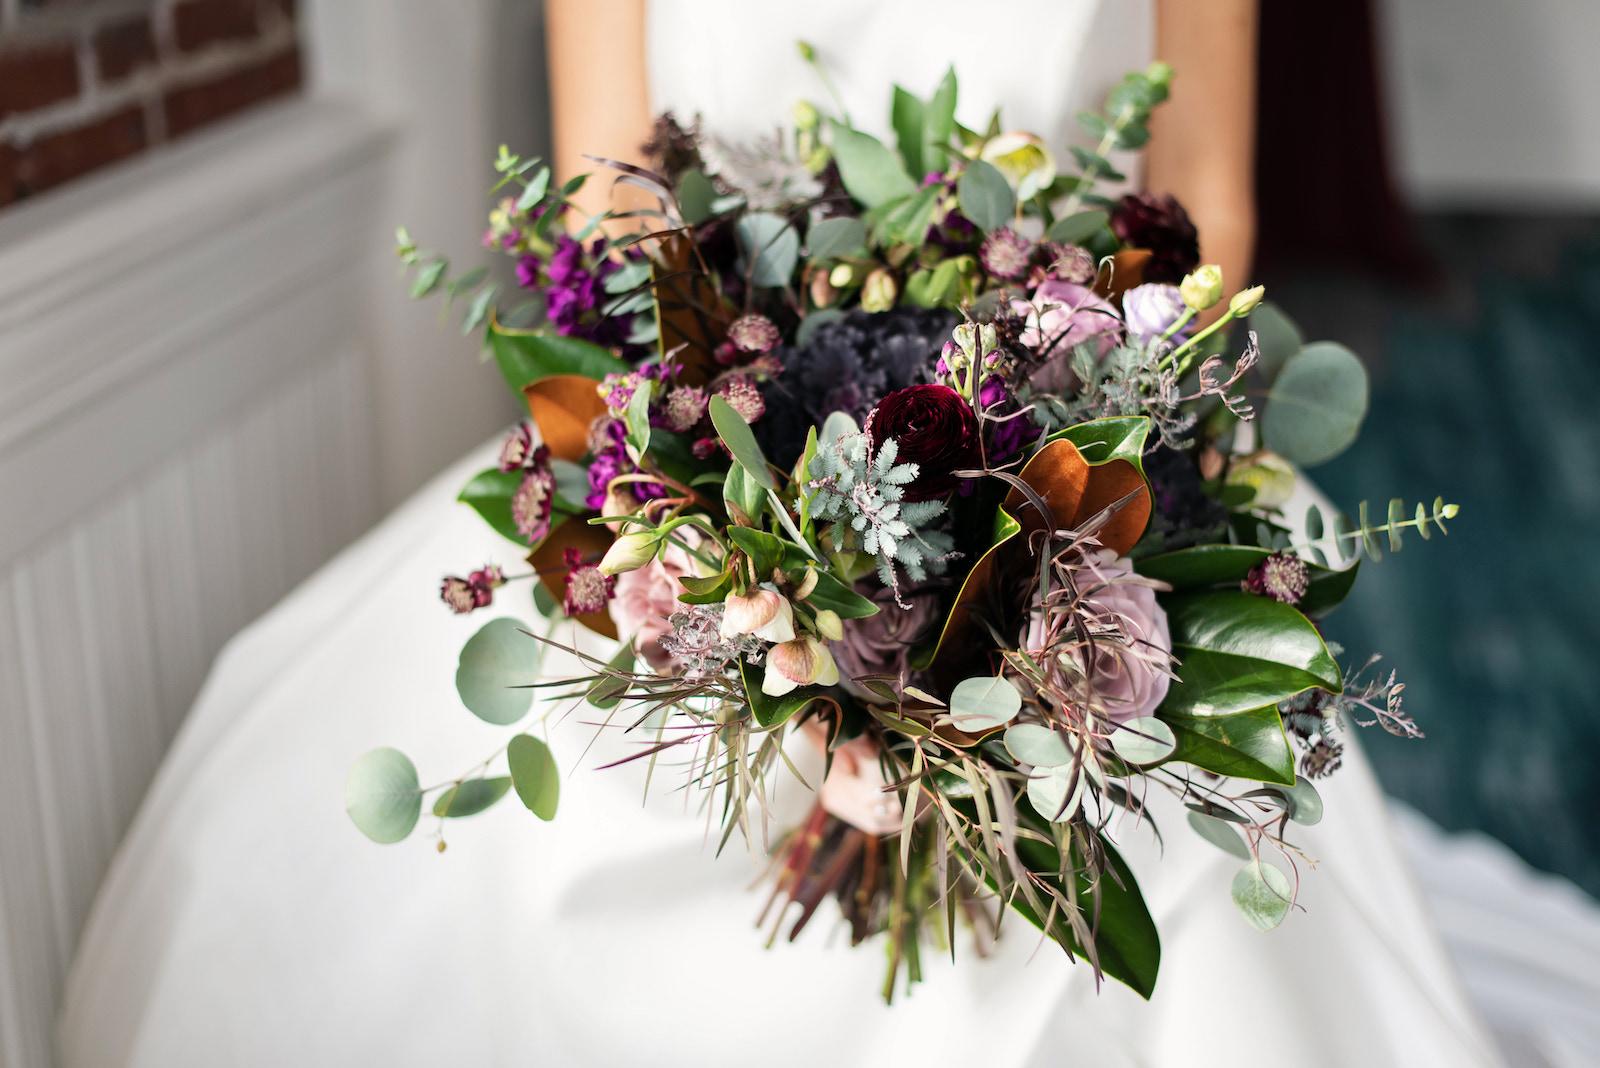 Botanica Floral Design - Wedding Floral Design in Portland